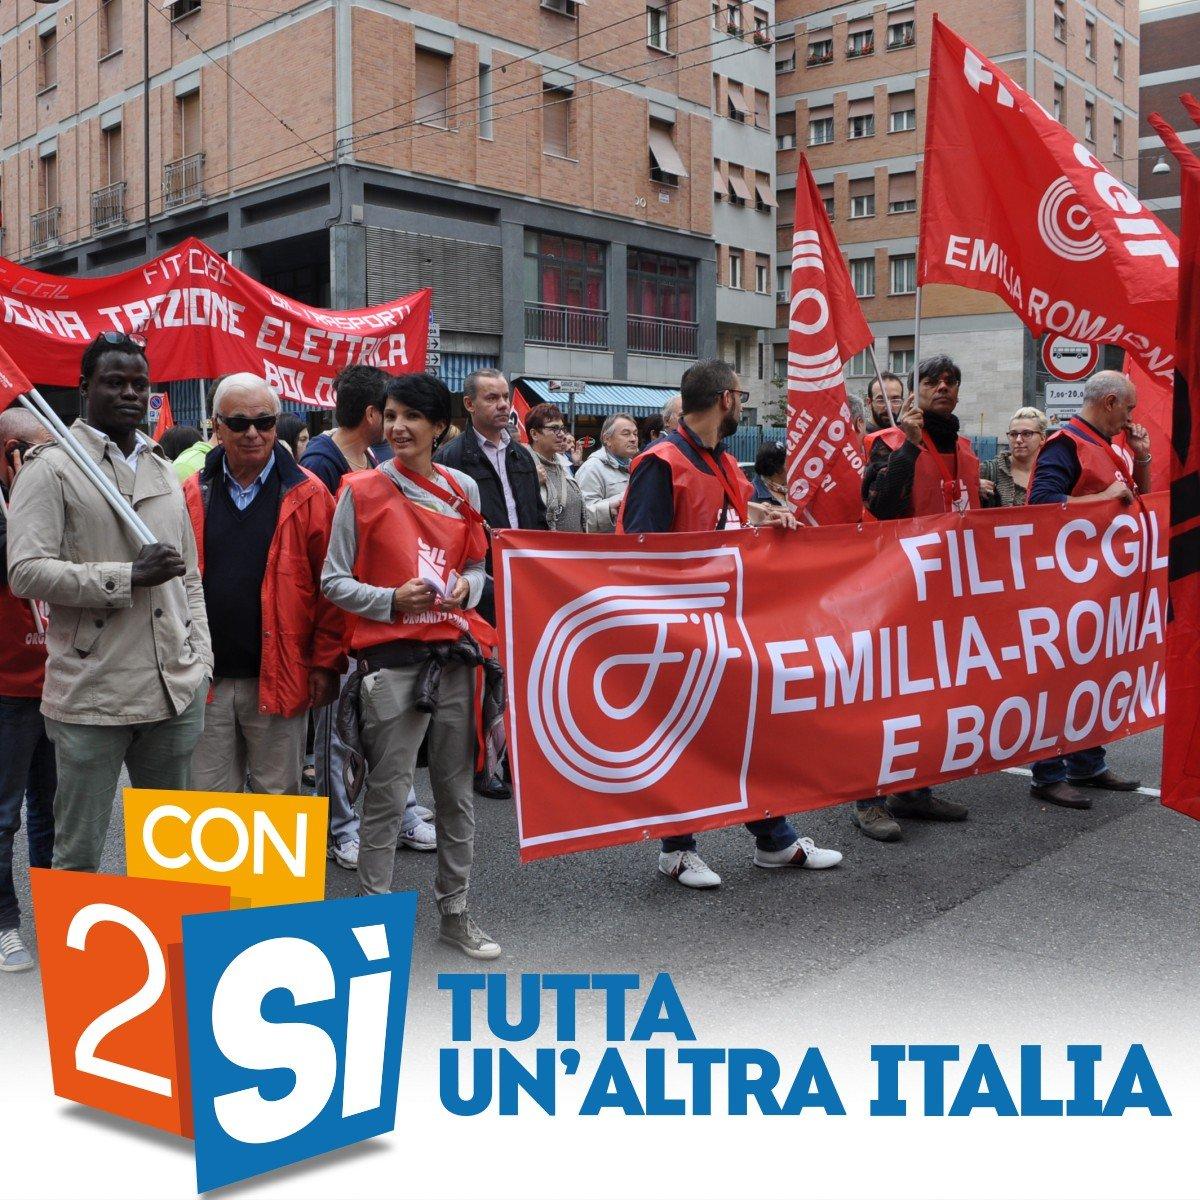 Sciopero dei lavoratori in appalto per la distribuzione a for Piani di casa artigiana con seminterrato di sciopero